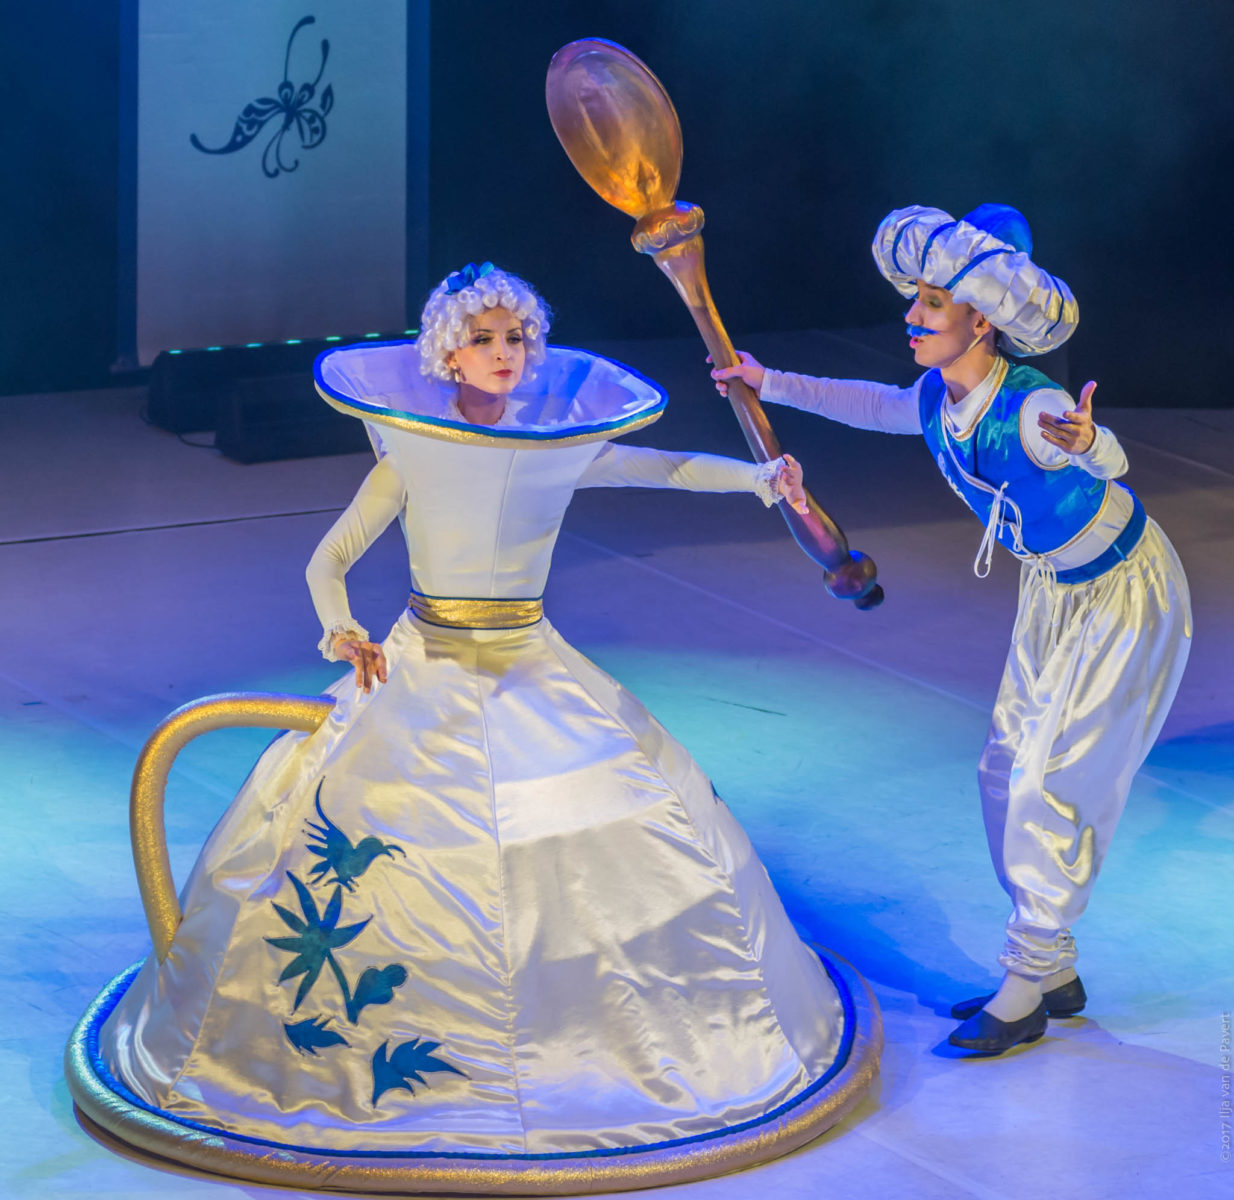 Dwóch tancerzy, aktorów jest na scenie w kostiumach. Kobieta jest przebrana w kostium filiżanki. Mężczyzna nosi arabski strój, na głowie ma turban, a w ręku ogromną łyżeczkę..